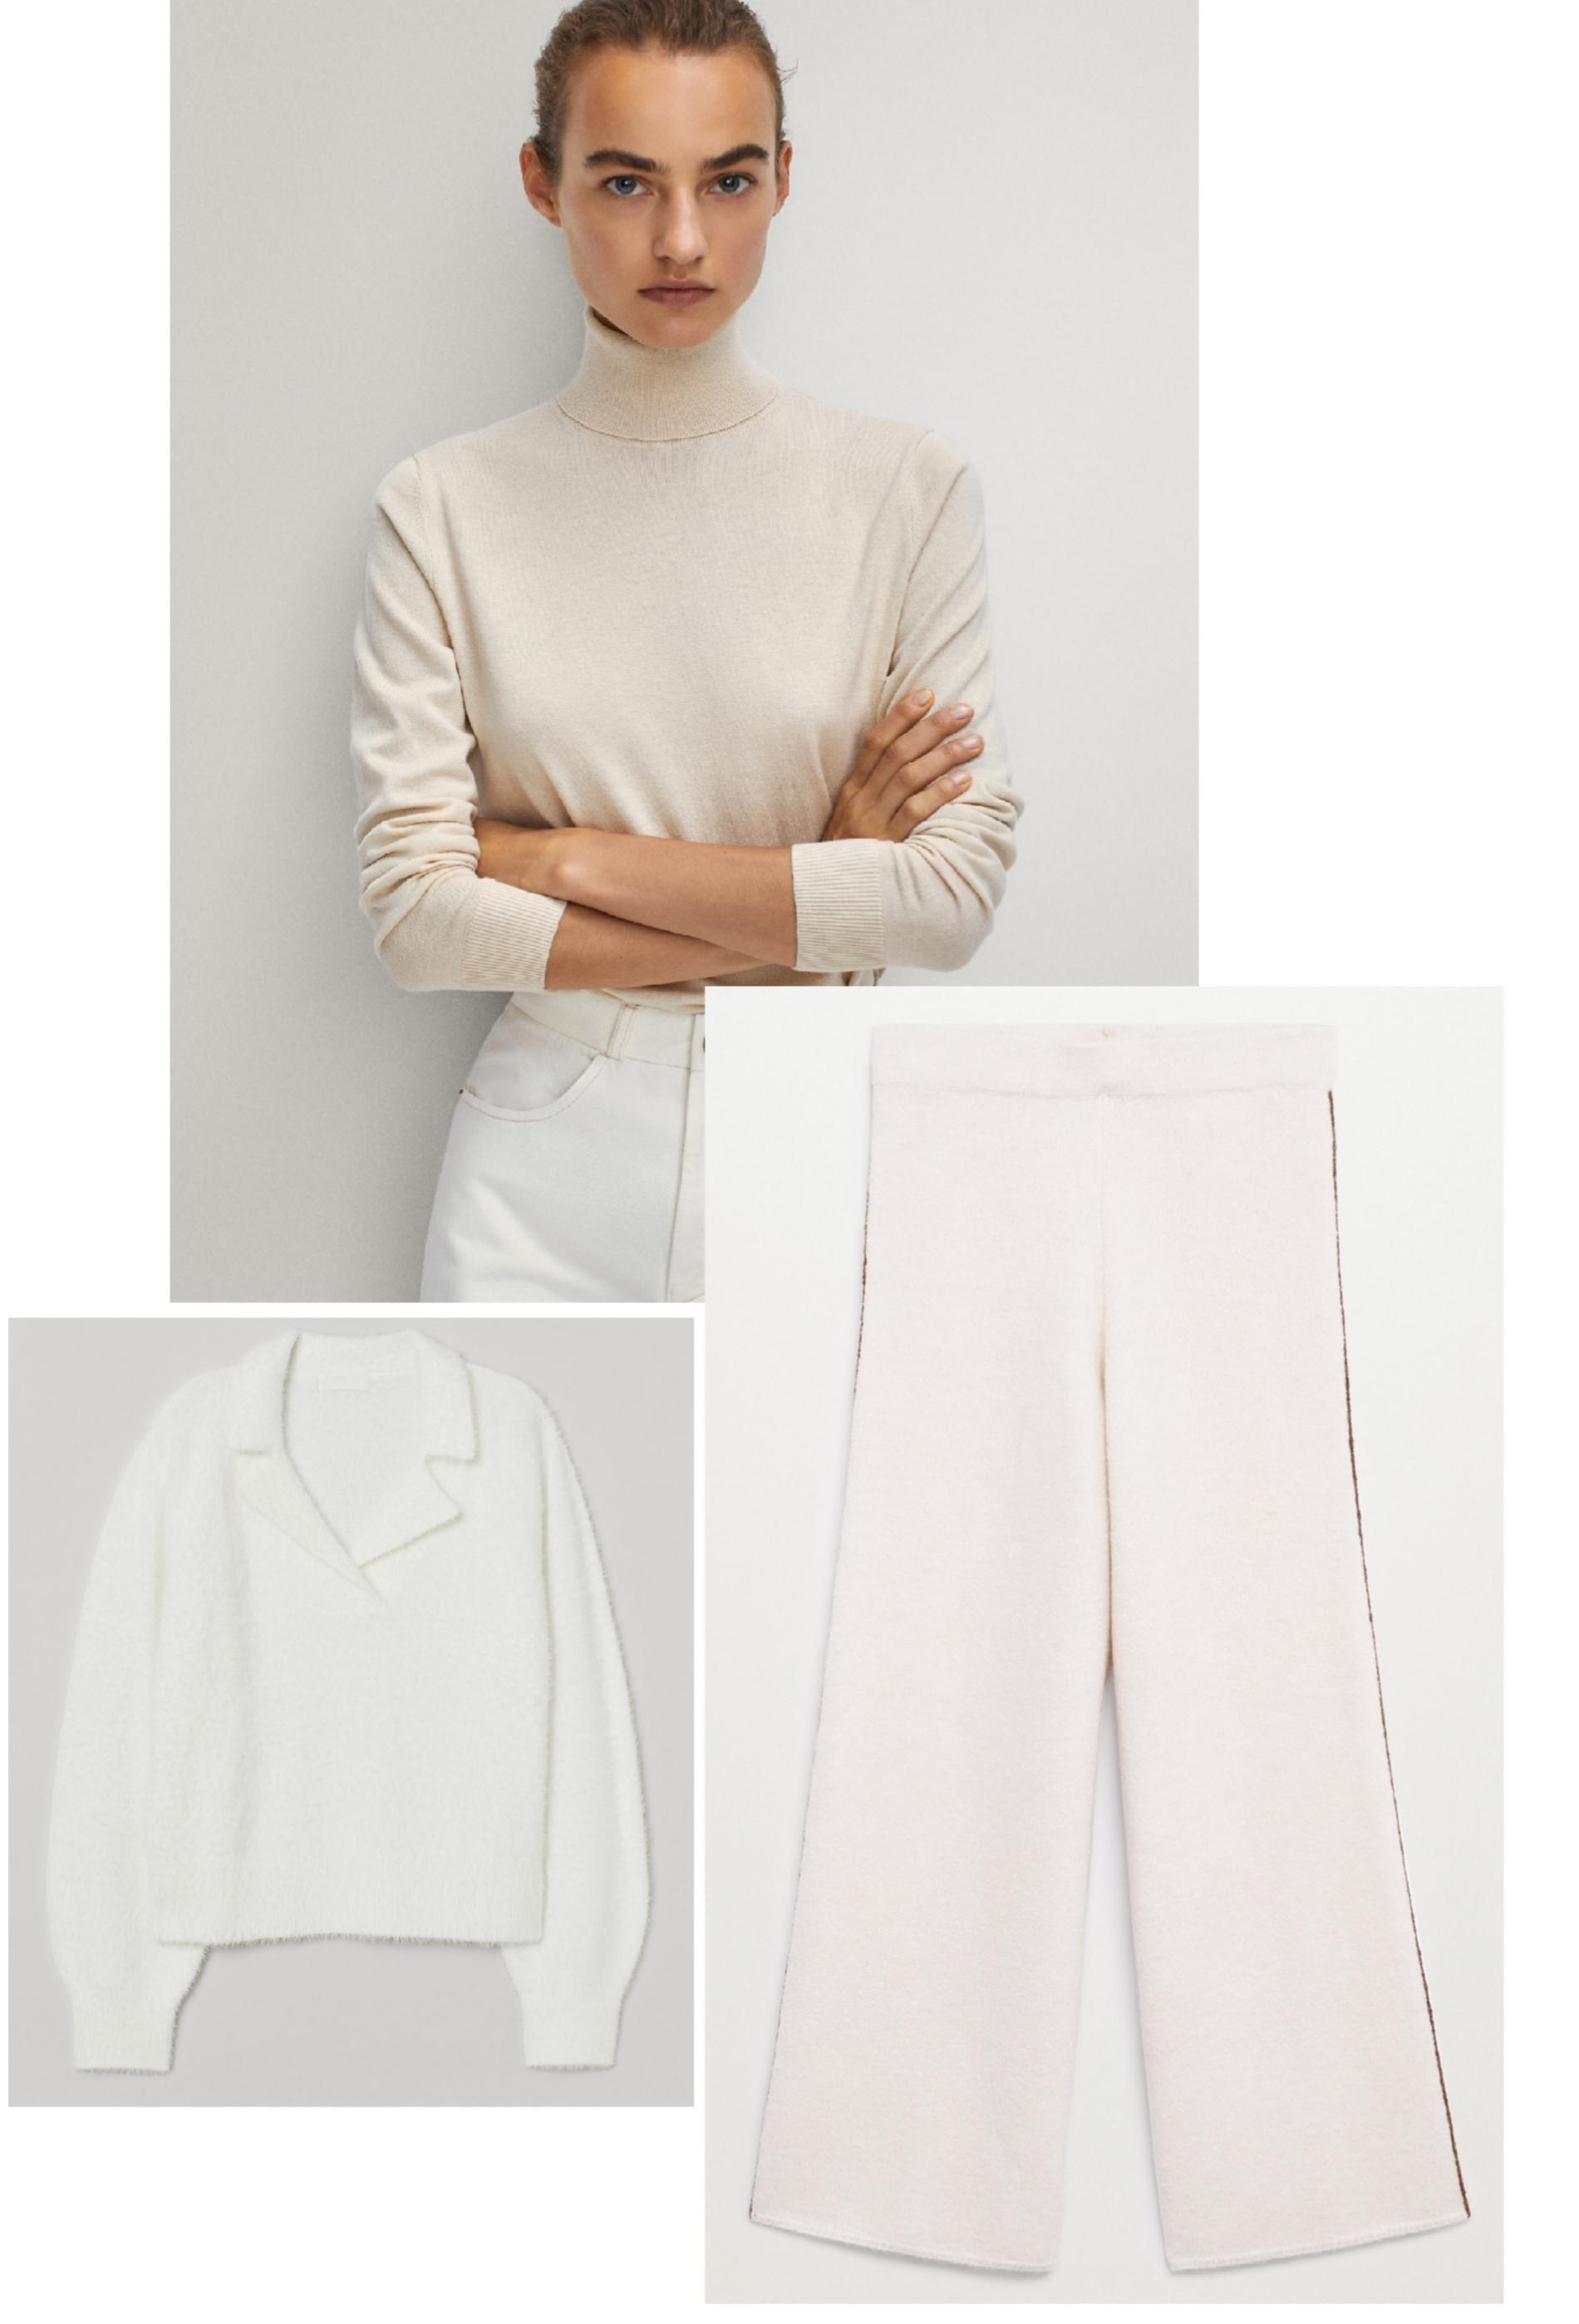 Jersey de cuello alto (antes 39,95 ¤; ahora 29,95 ¤), de Massimo Dutti; con cuello camisero (antes 29,99 ¤; ahora 15,99 ¤), de H&M, y pantalón (29,99 ¤), de Mango.